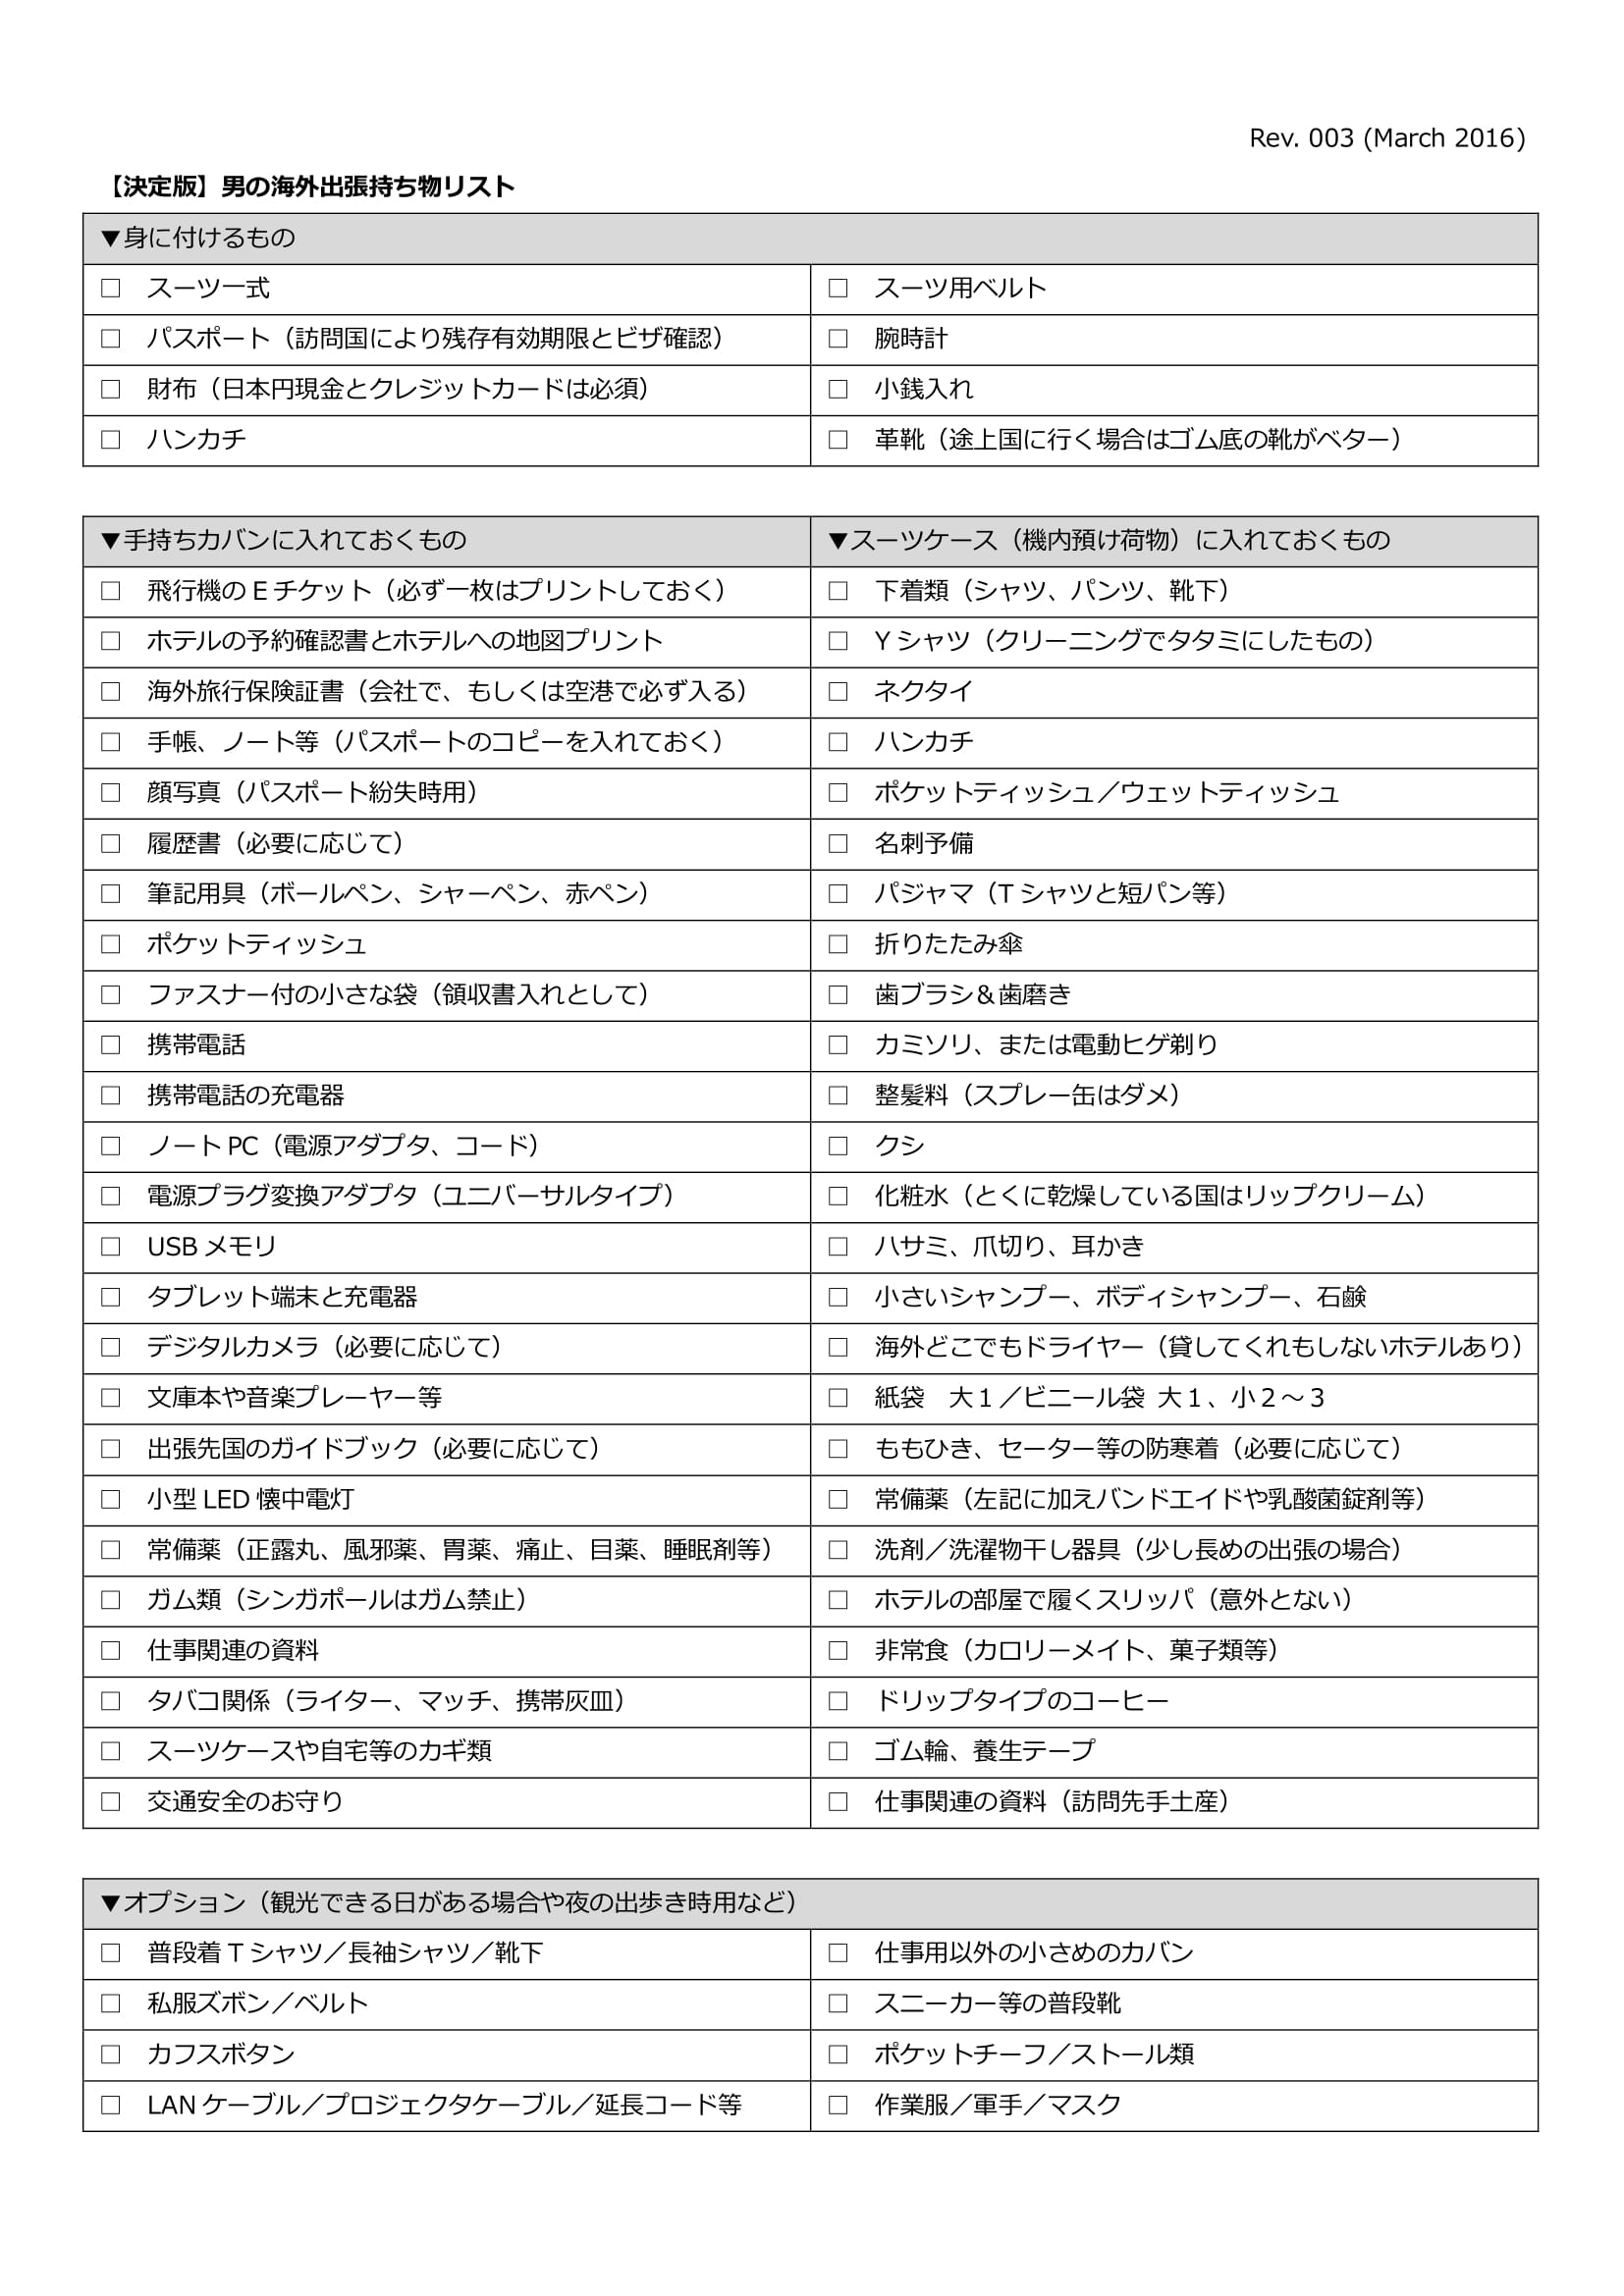 海外出張持ち物リスト(マテリアライズド)